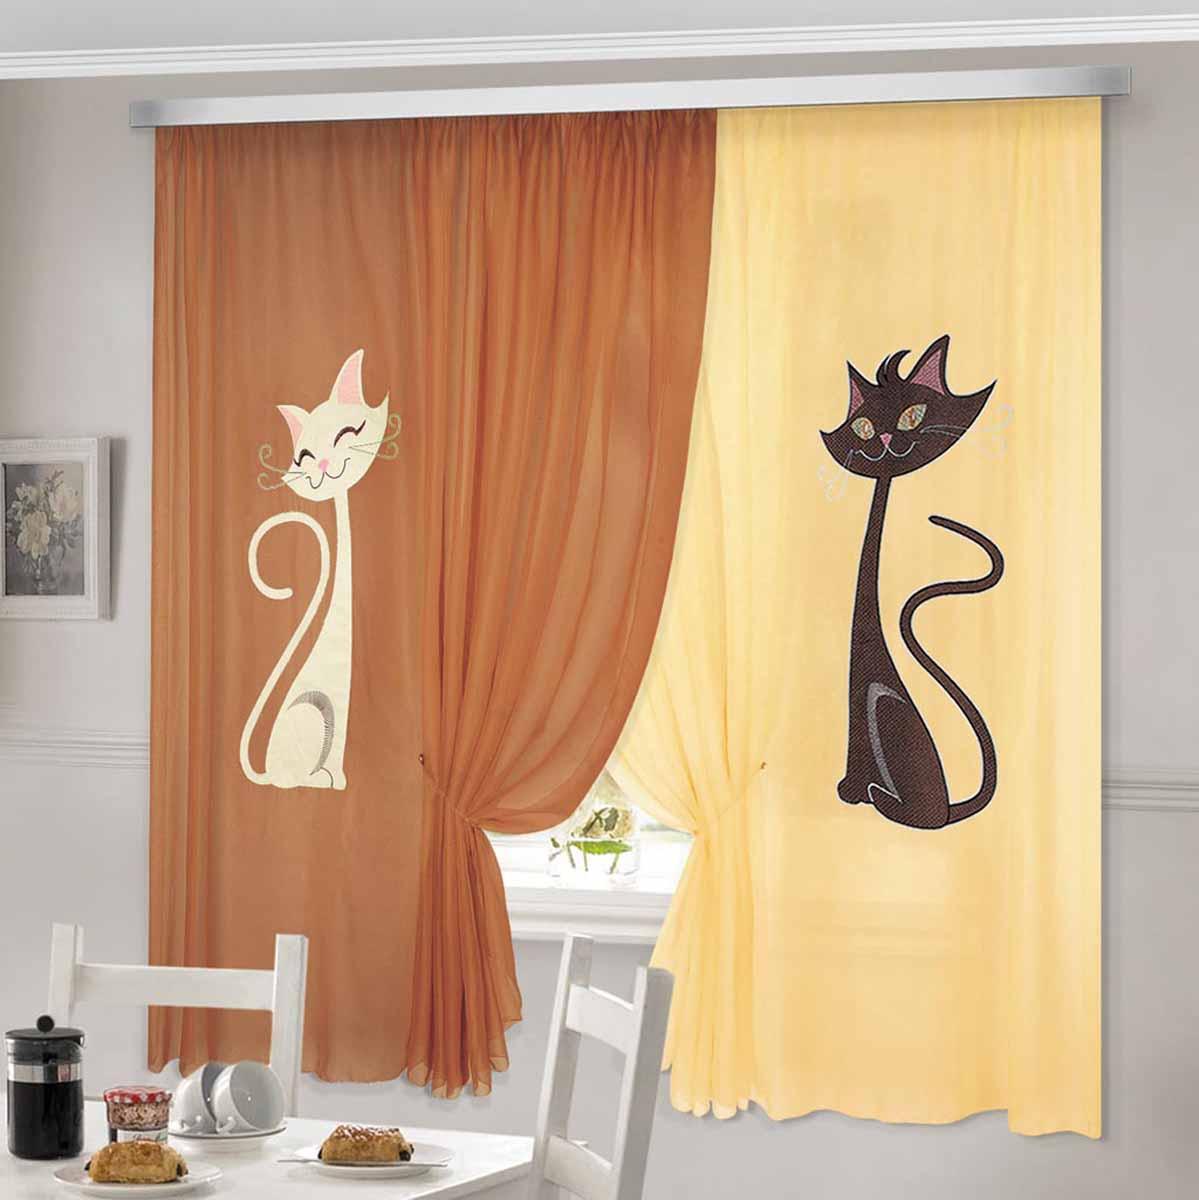 Комплект штор ТД Текстиль Кэти, на ленте, цвет: коричневый, желтый, высота 180 см92330Шторы выполнены из вуалевого полотна с аппликацией в виде кошек. Стирать аккуратно, не более 30-40 градусов. Цвета в ассортименте.